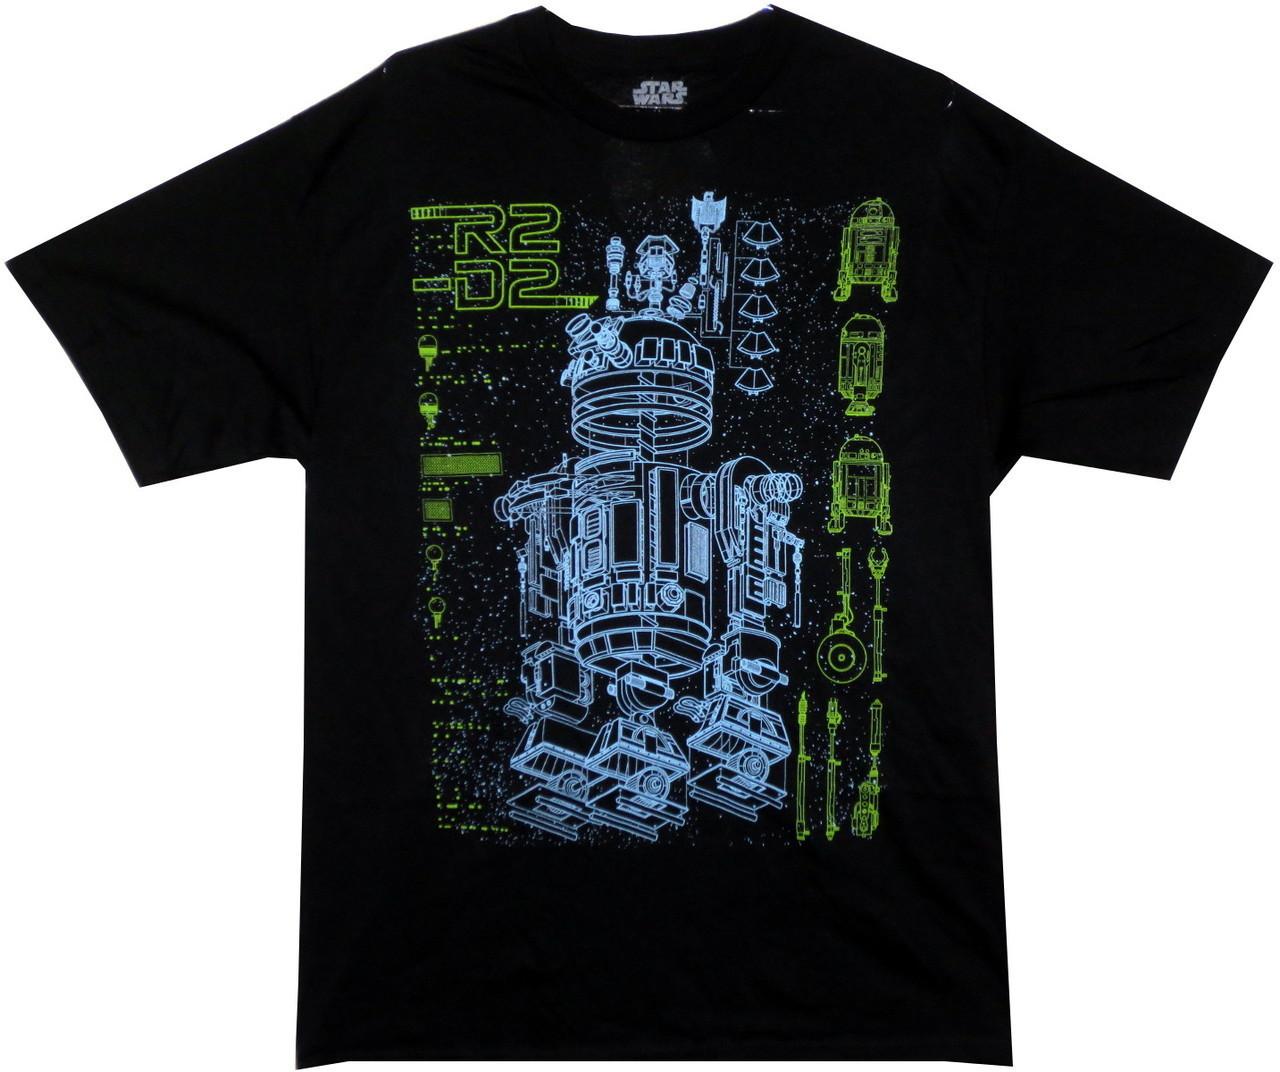 97e7ef099 Star Wars T-Shirt - R2D2 Schematic - NerdKungFu